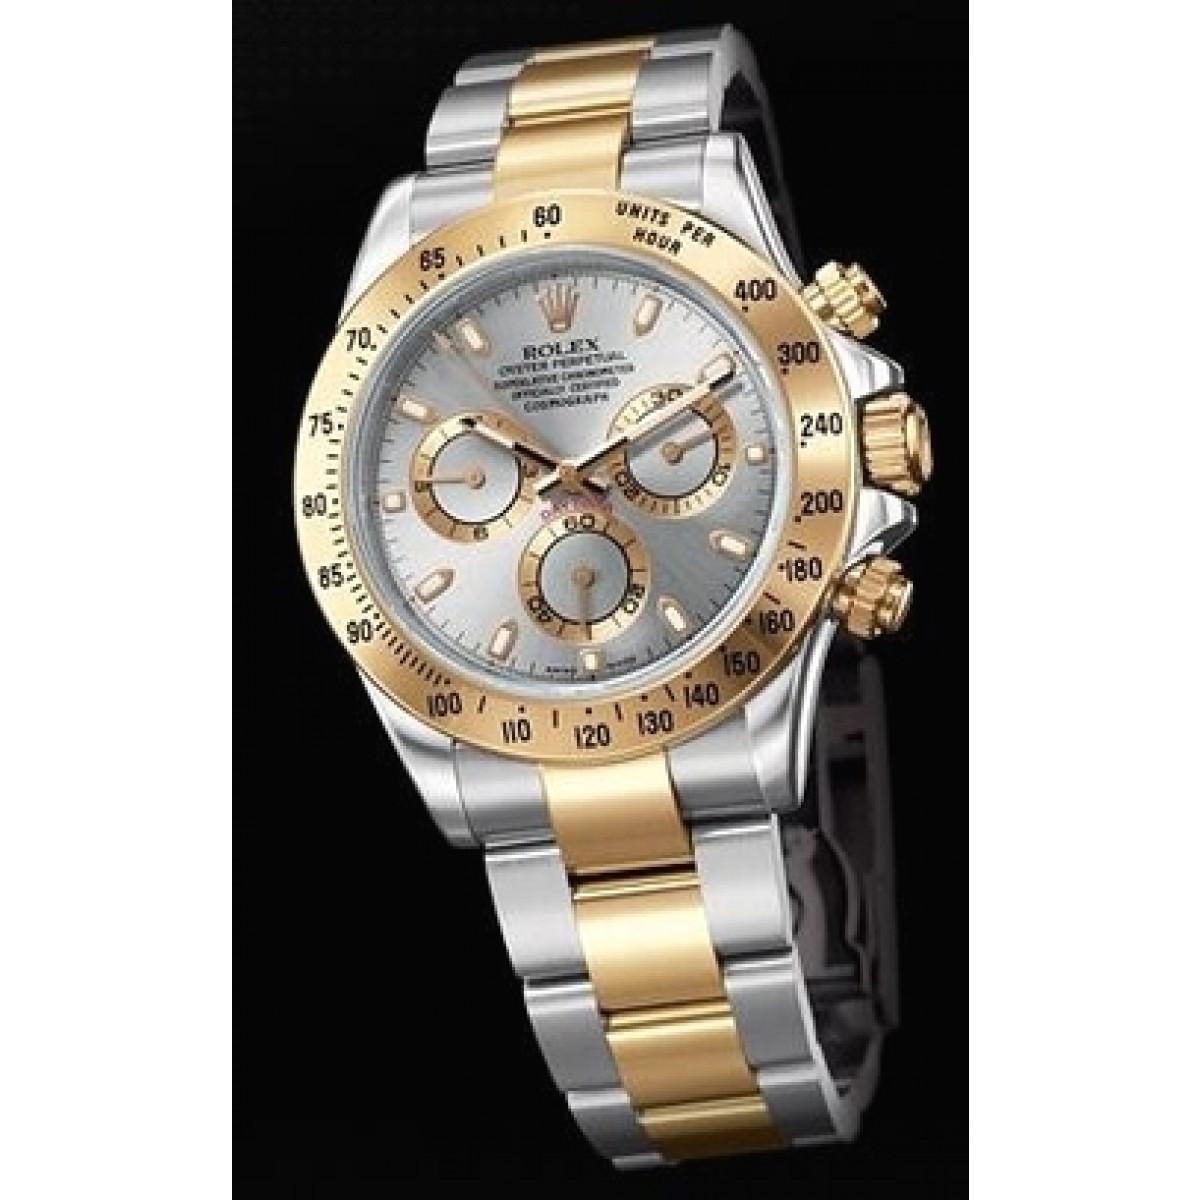 3a26c292189 Relógio Réplica Rolex Daytona 04